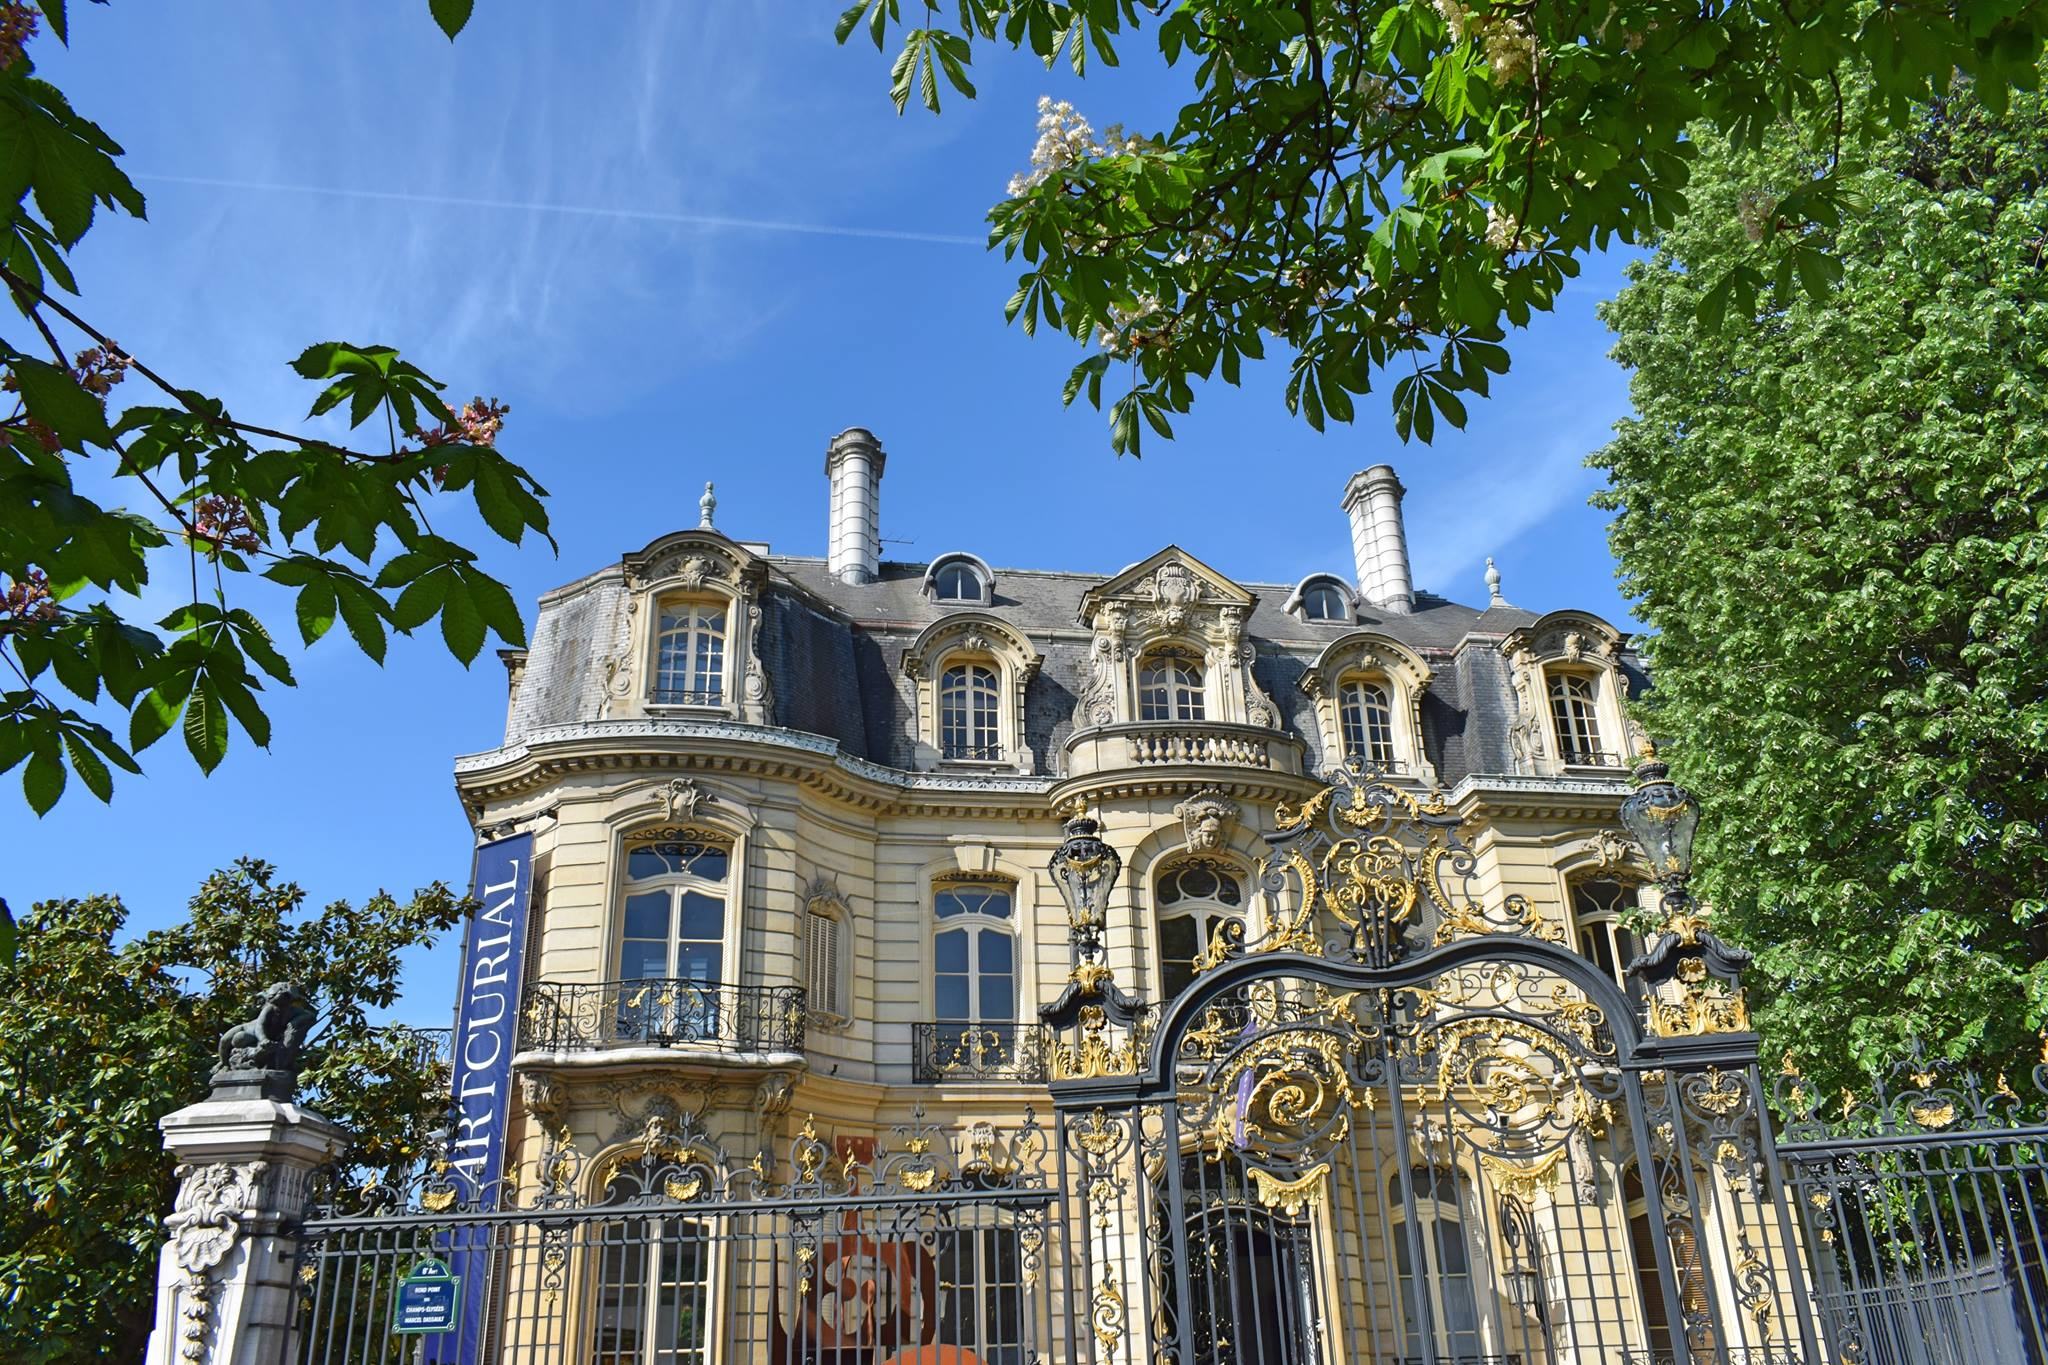 Artcurial - Maison de vente - Champs-Elysées - Paris